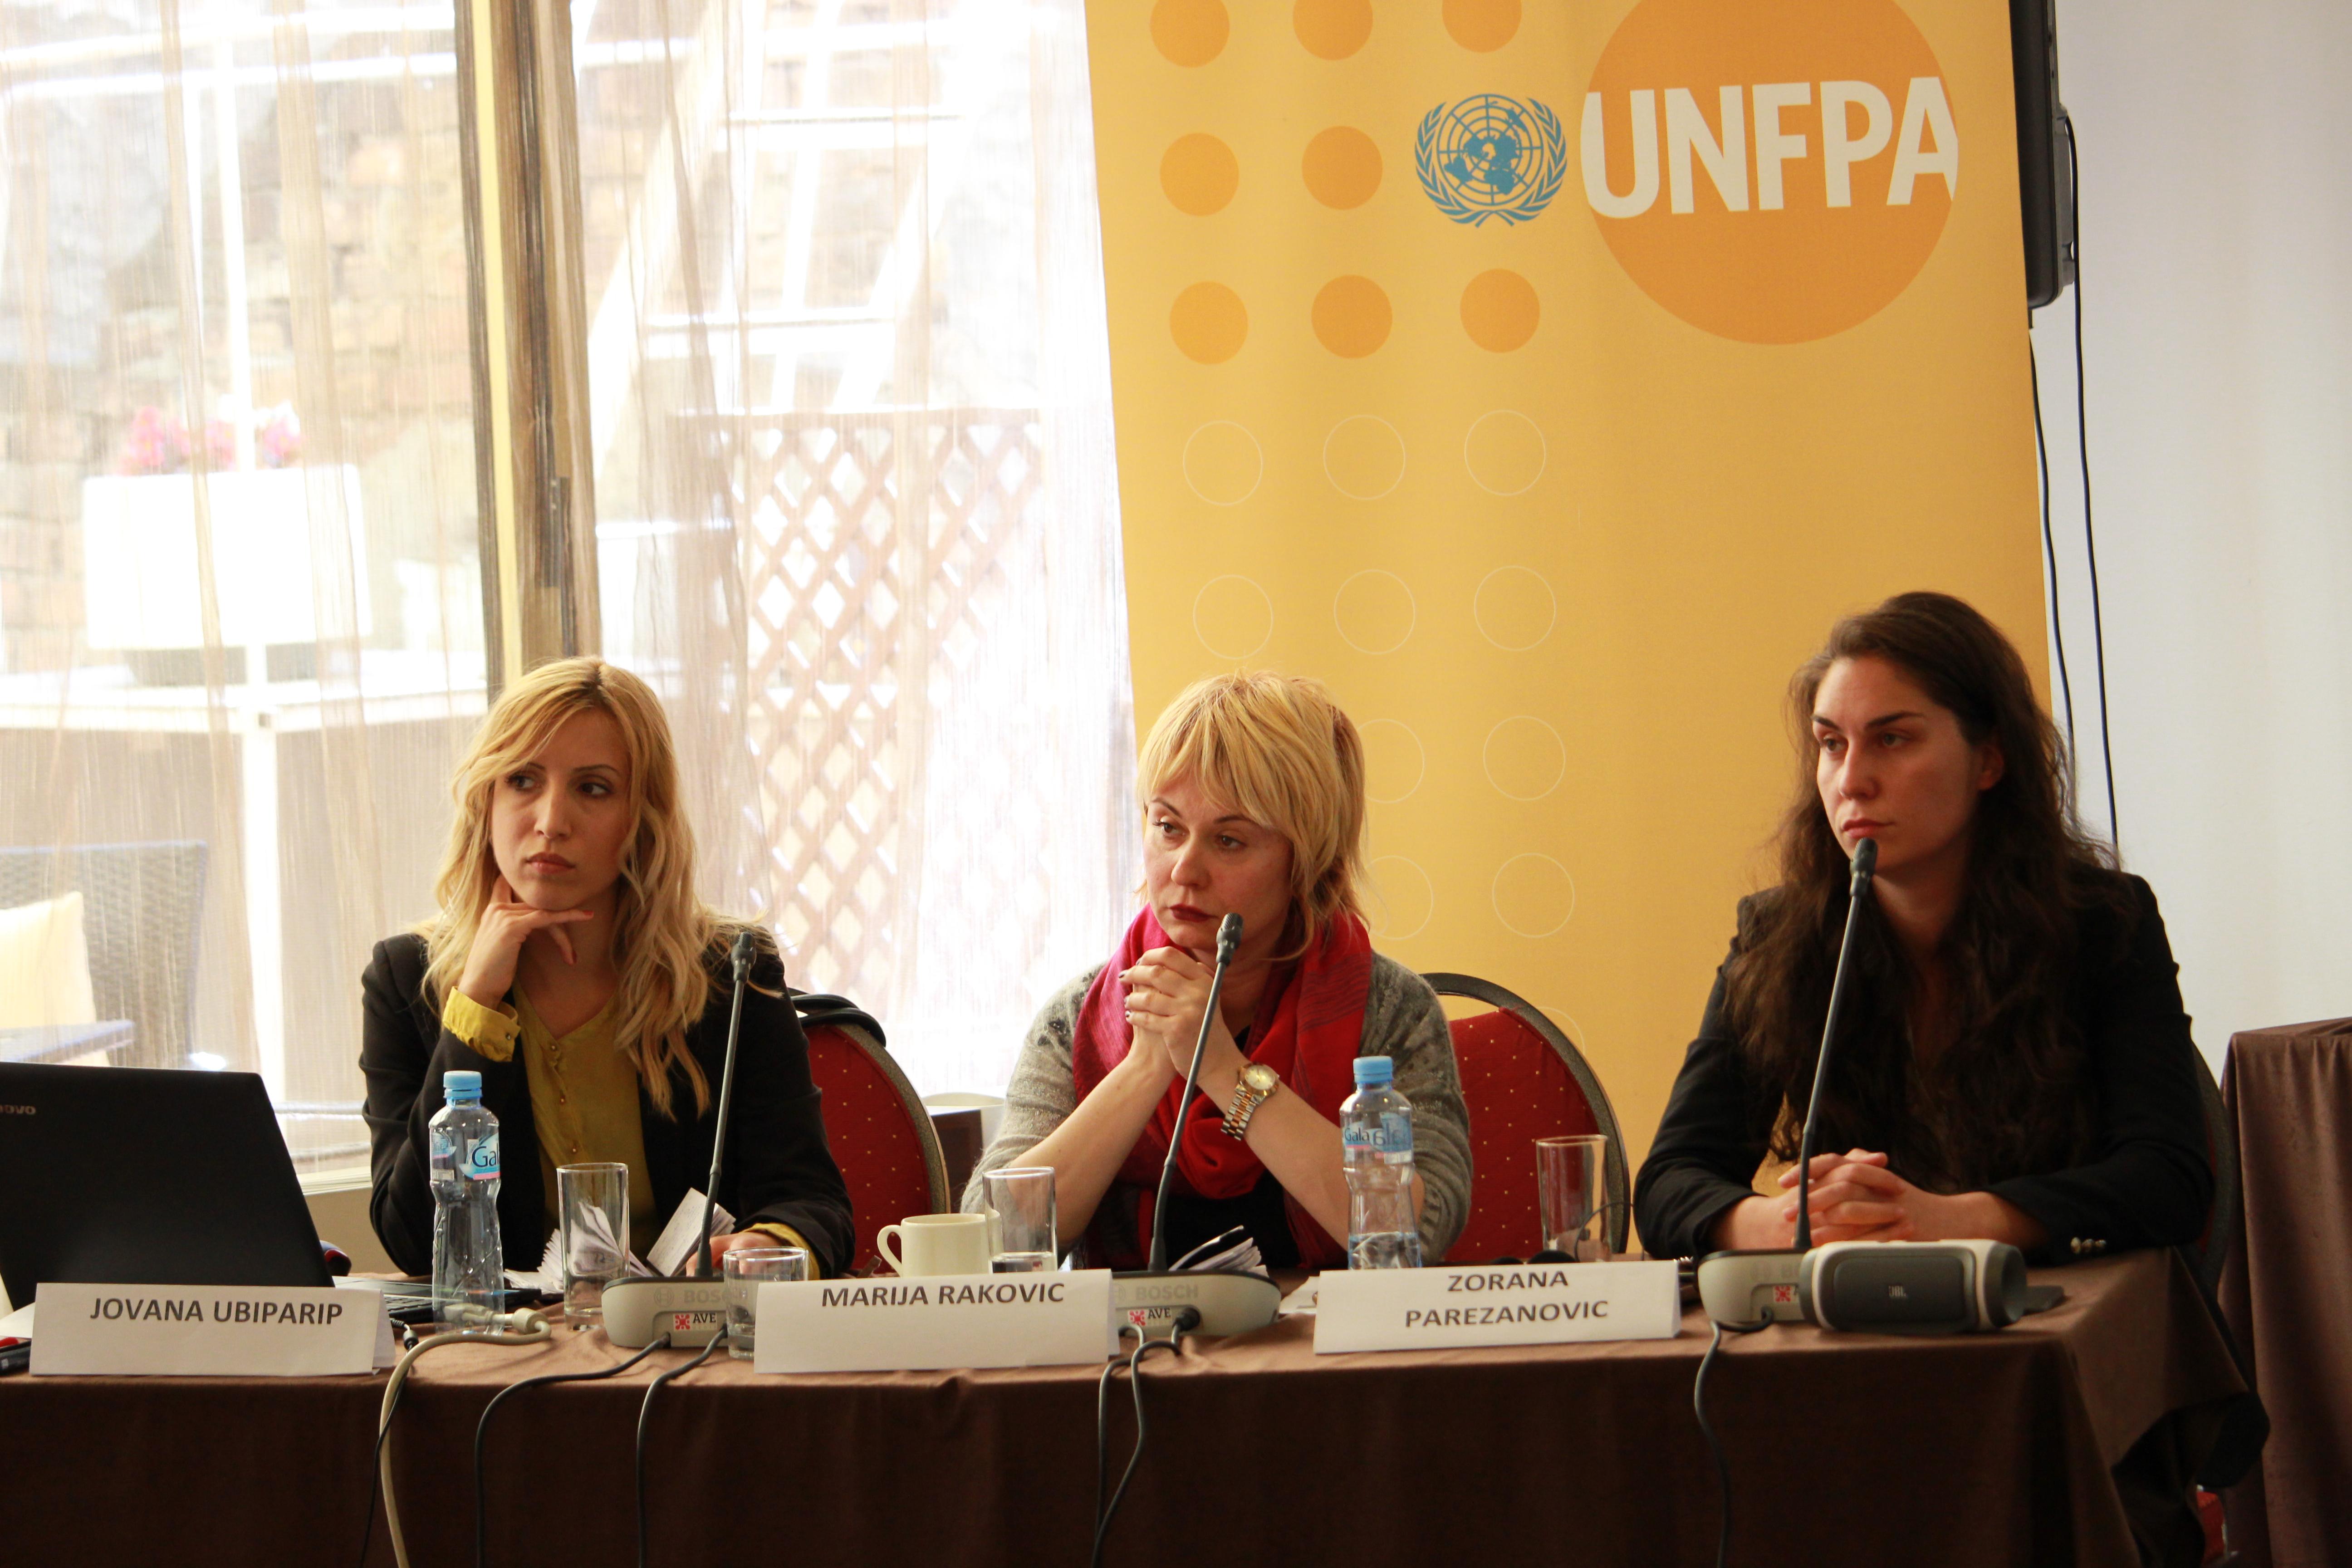 Working Group for Gender Based Violence established in Serbia, NGO Atina